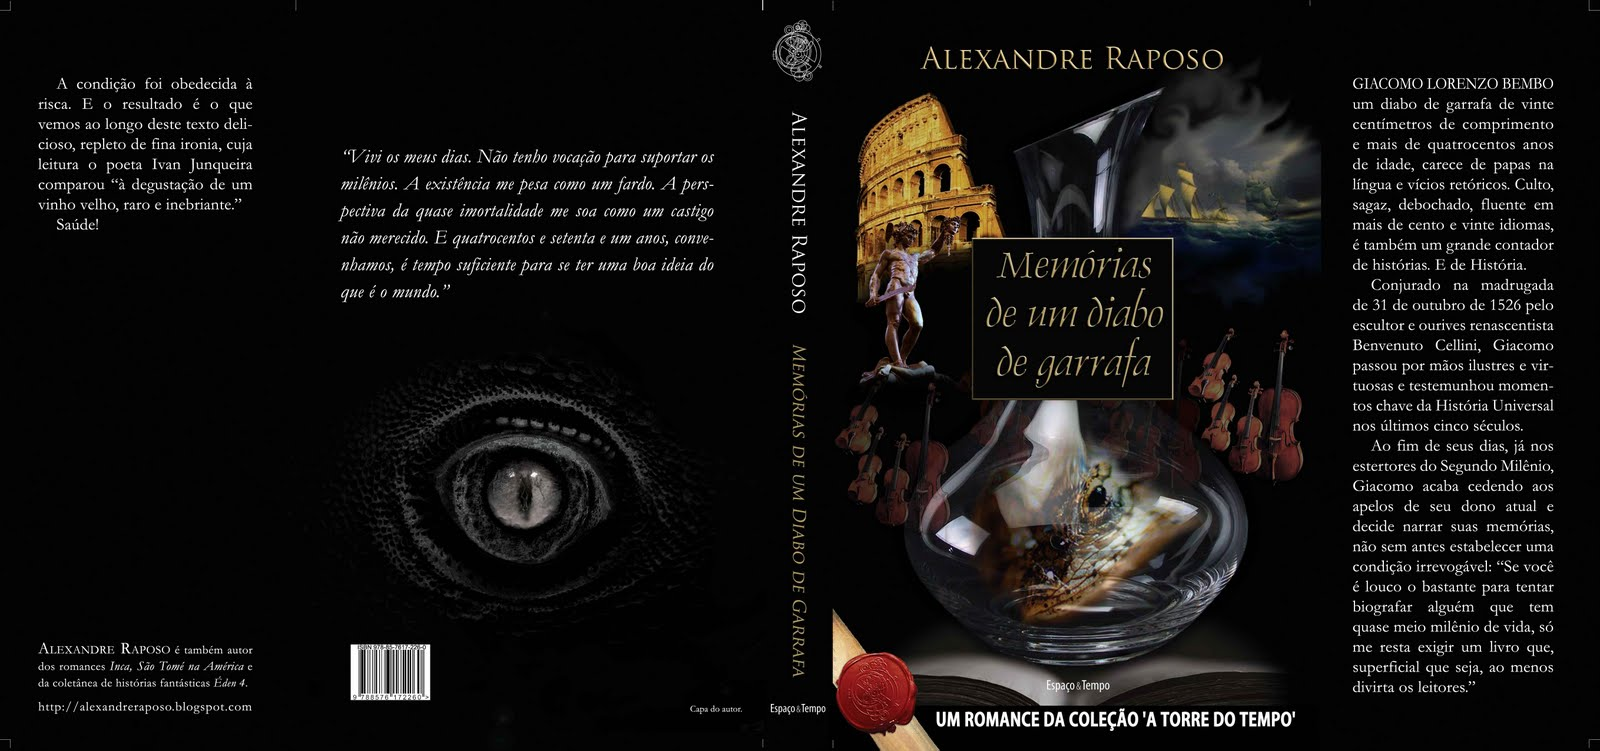 Herdeiro Do Diabo for blog do autor